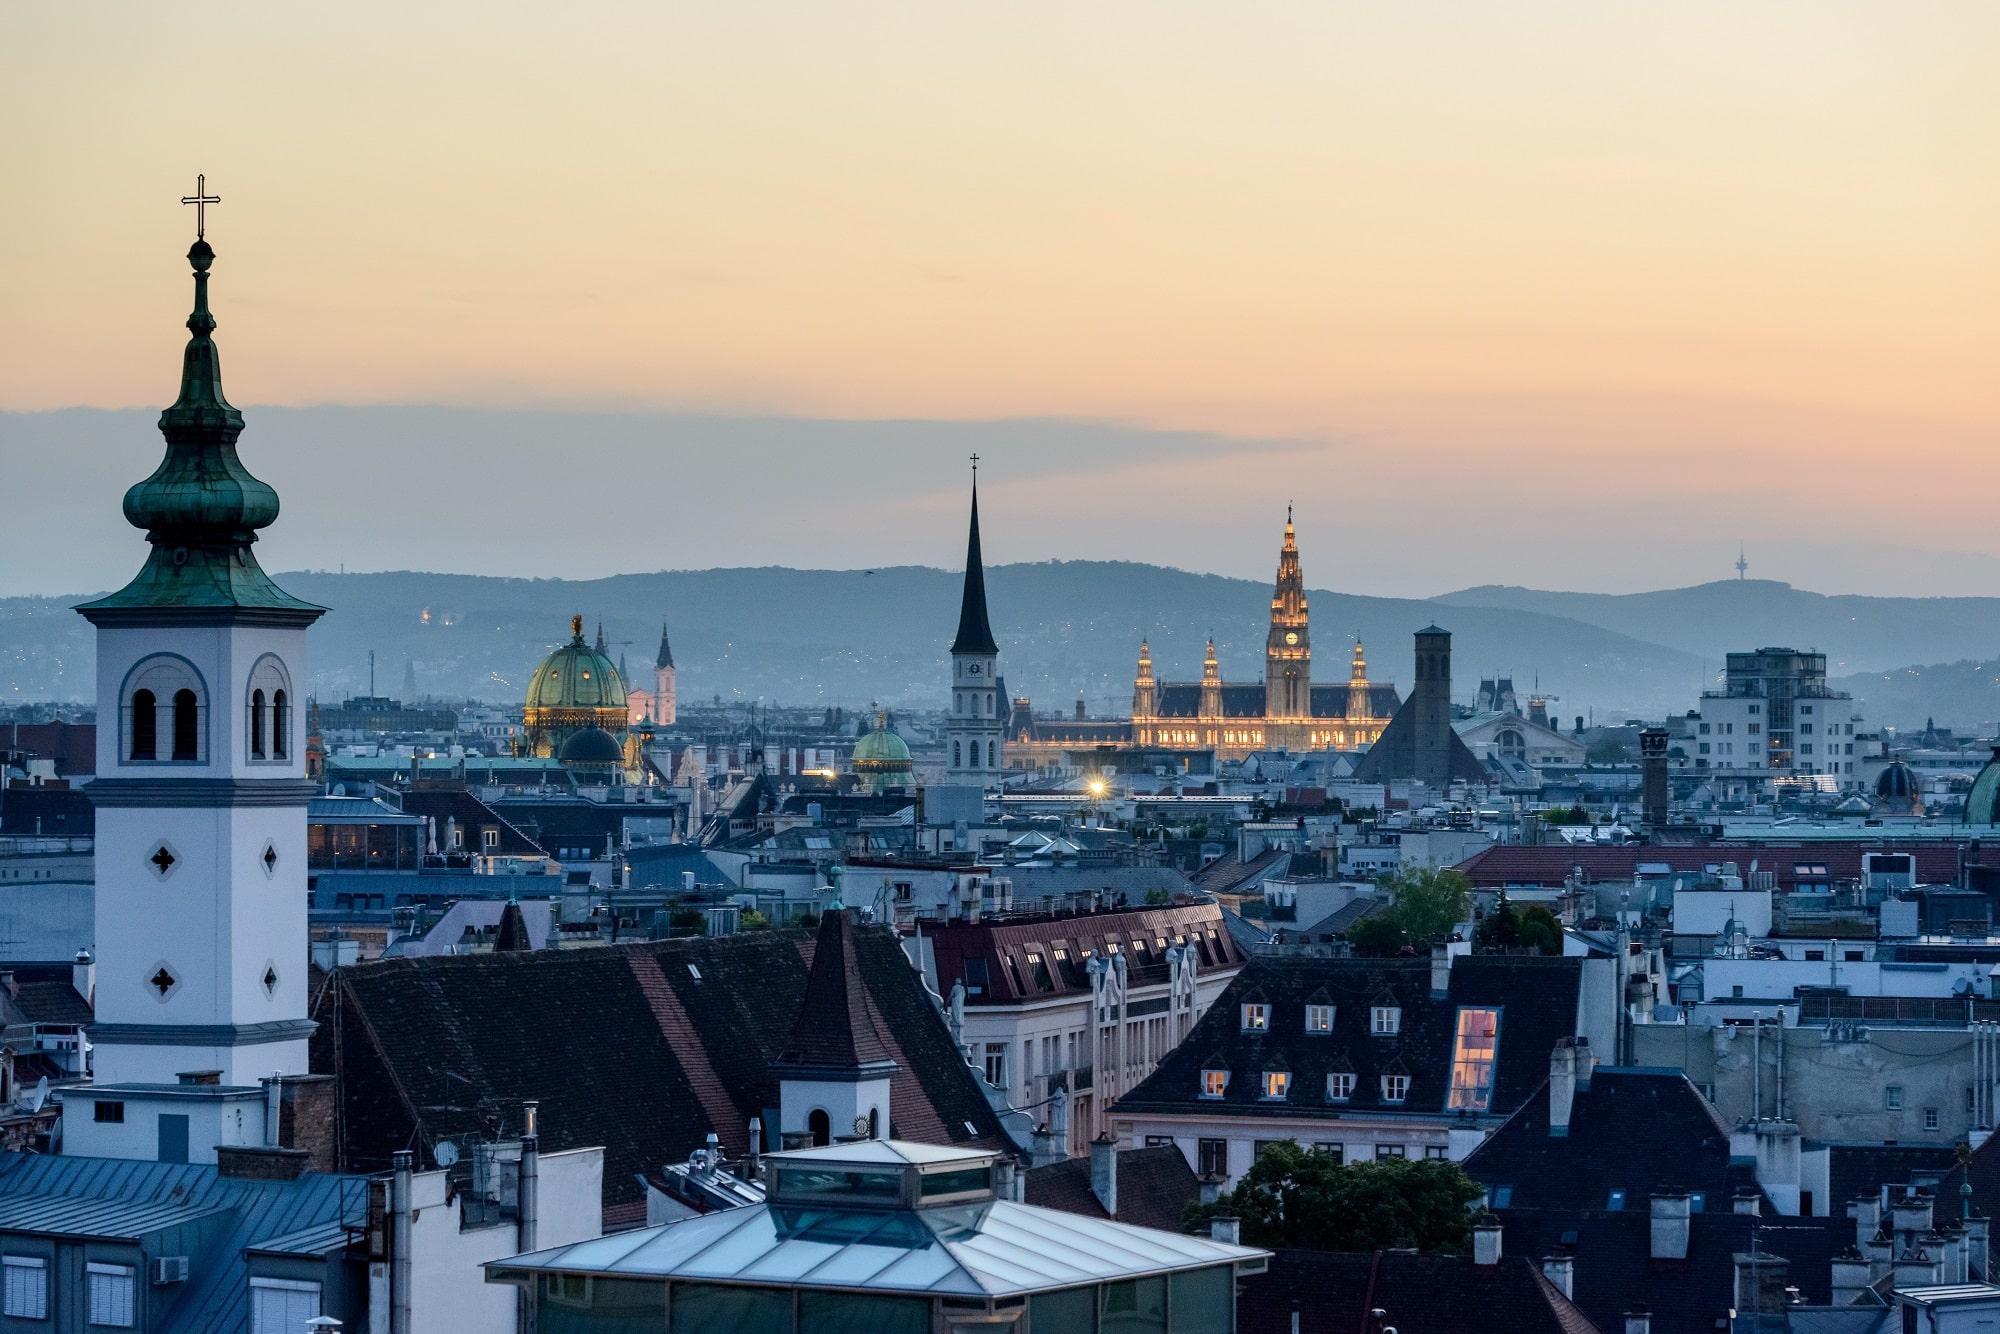 Vue panoramique de Vienne au coucher du soleil